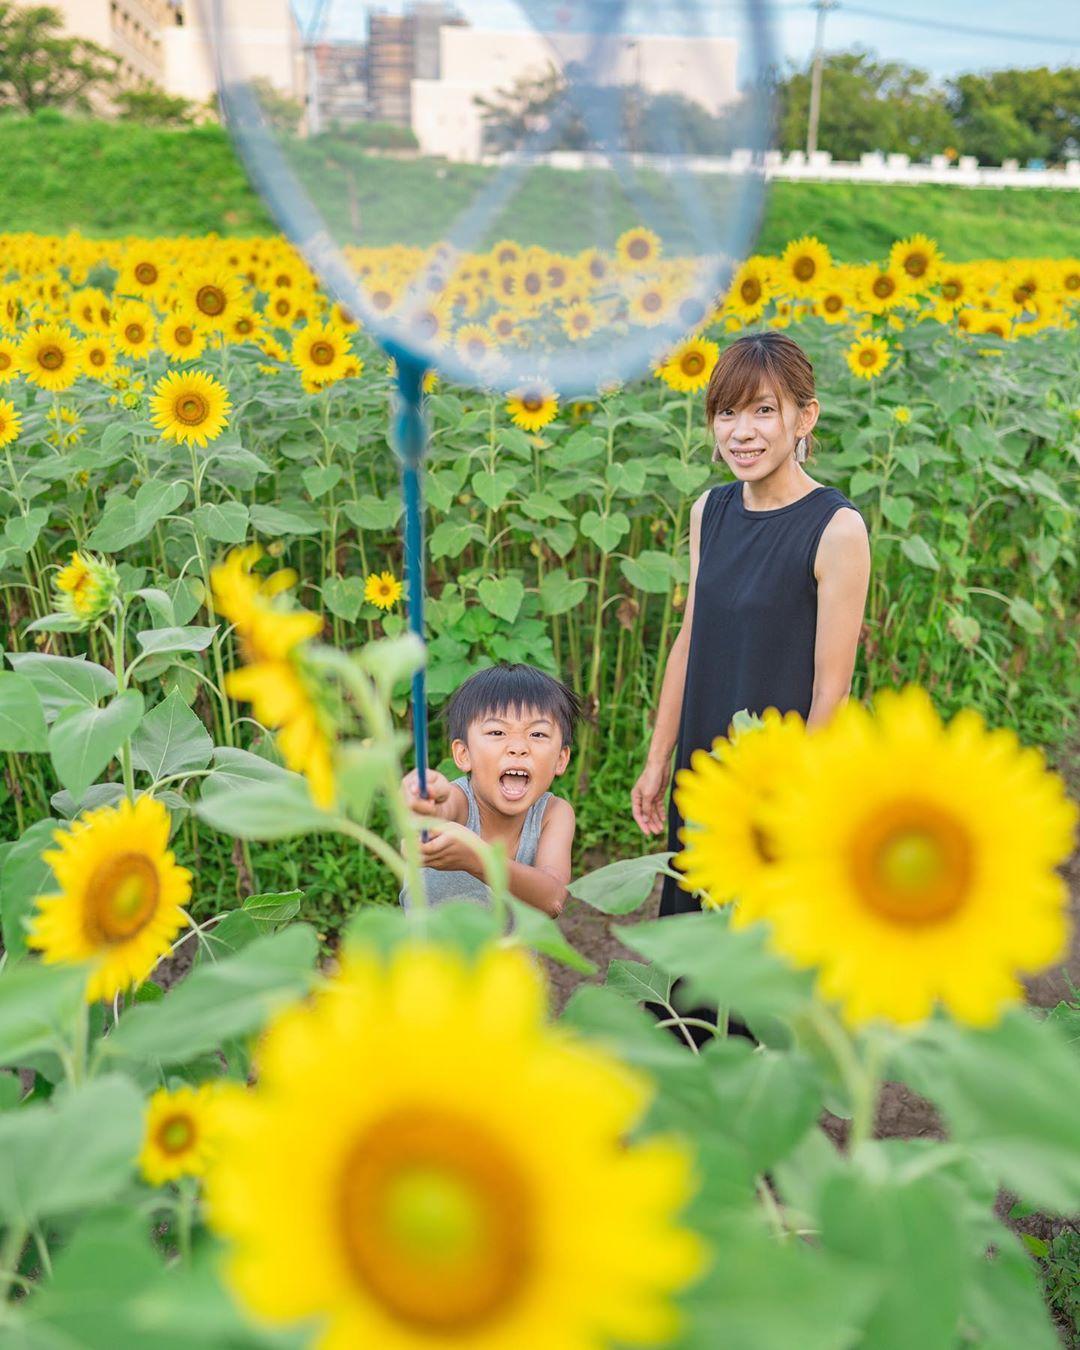 """Có một nước Nhật đẹp đến nao lòng qua ống kính của ông bố trẻ """"mê"""" chụp ảnh vợ và con trai, ai xem xong cũng """"tan chảy"""" - Ảnh 24."""